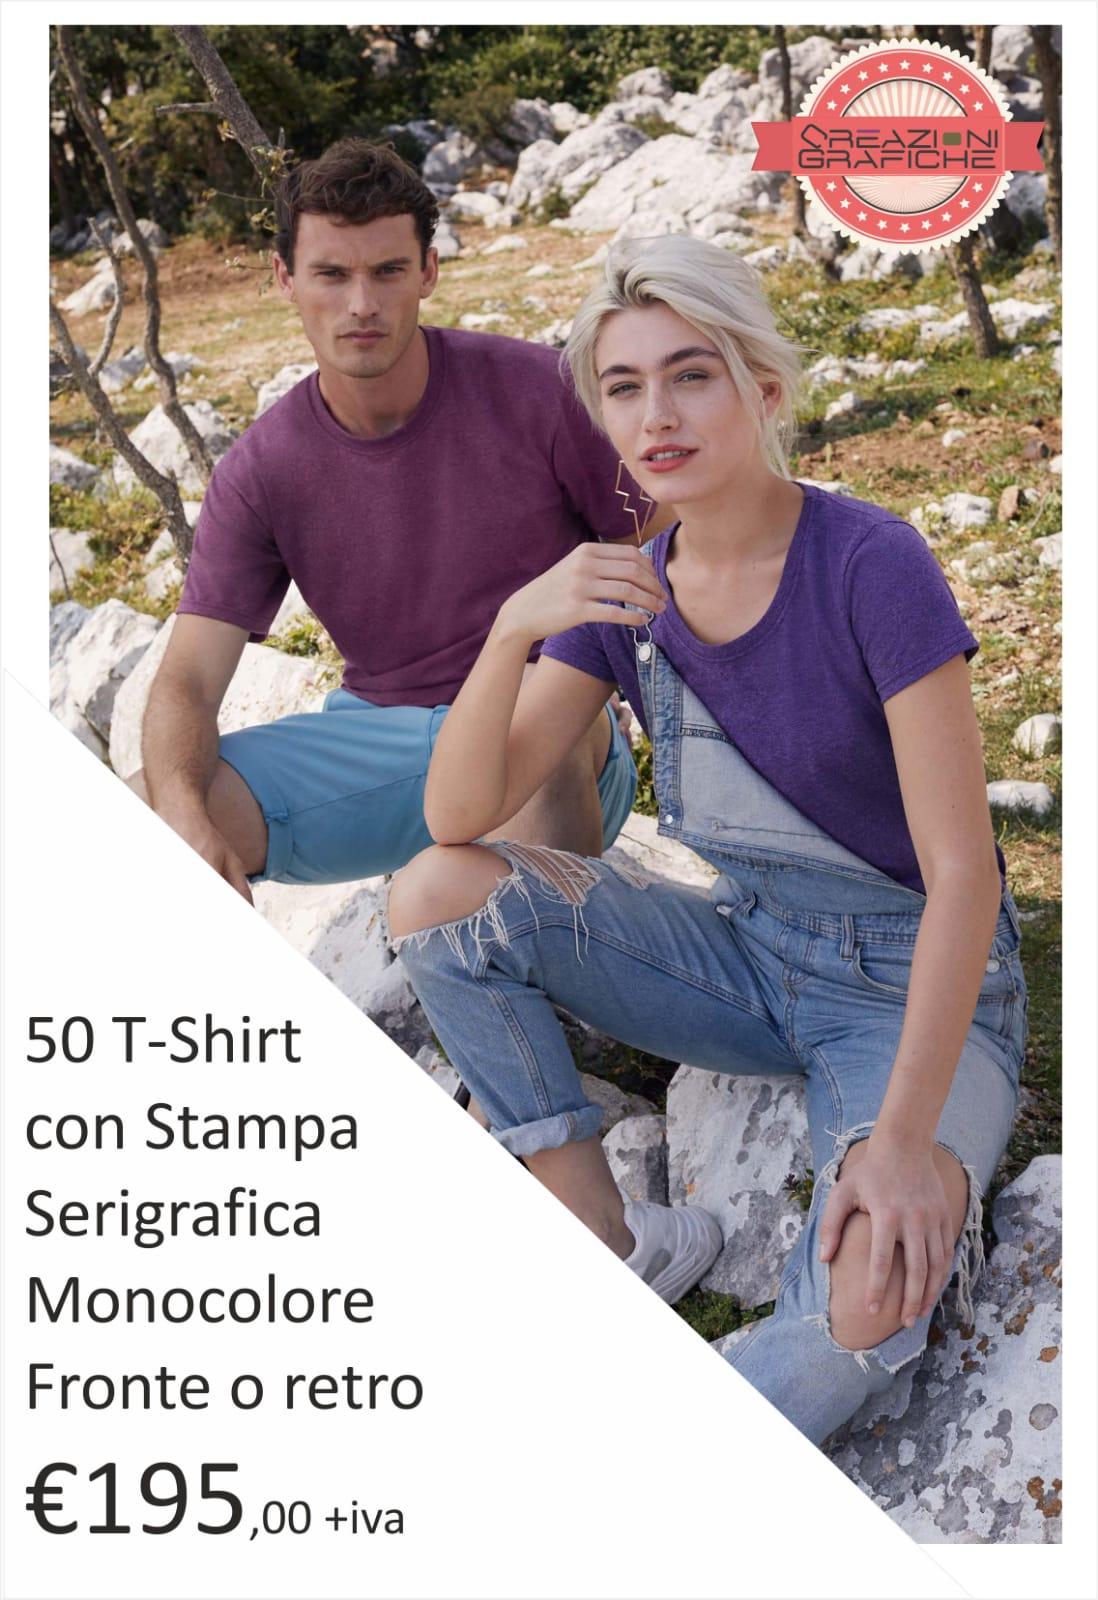 50 T-shirt con Stampa Serigrafica